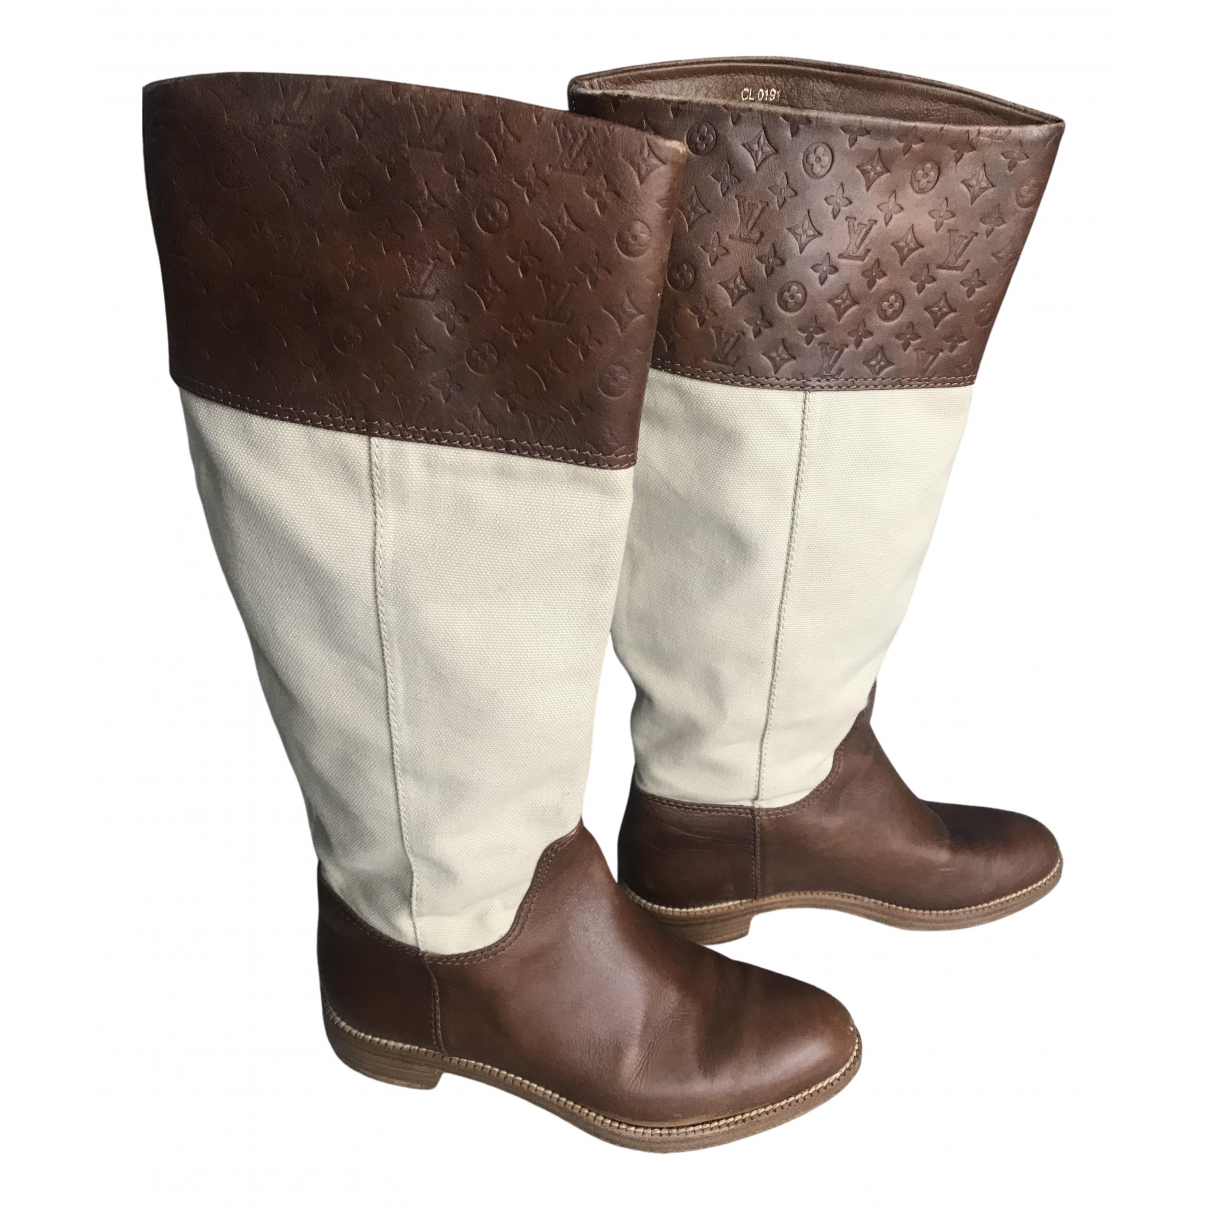 Louis Vuitton - Bottes   pour femme en cuir - marron